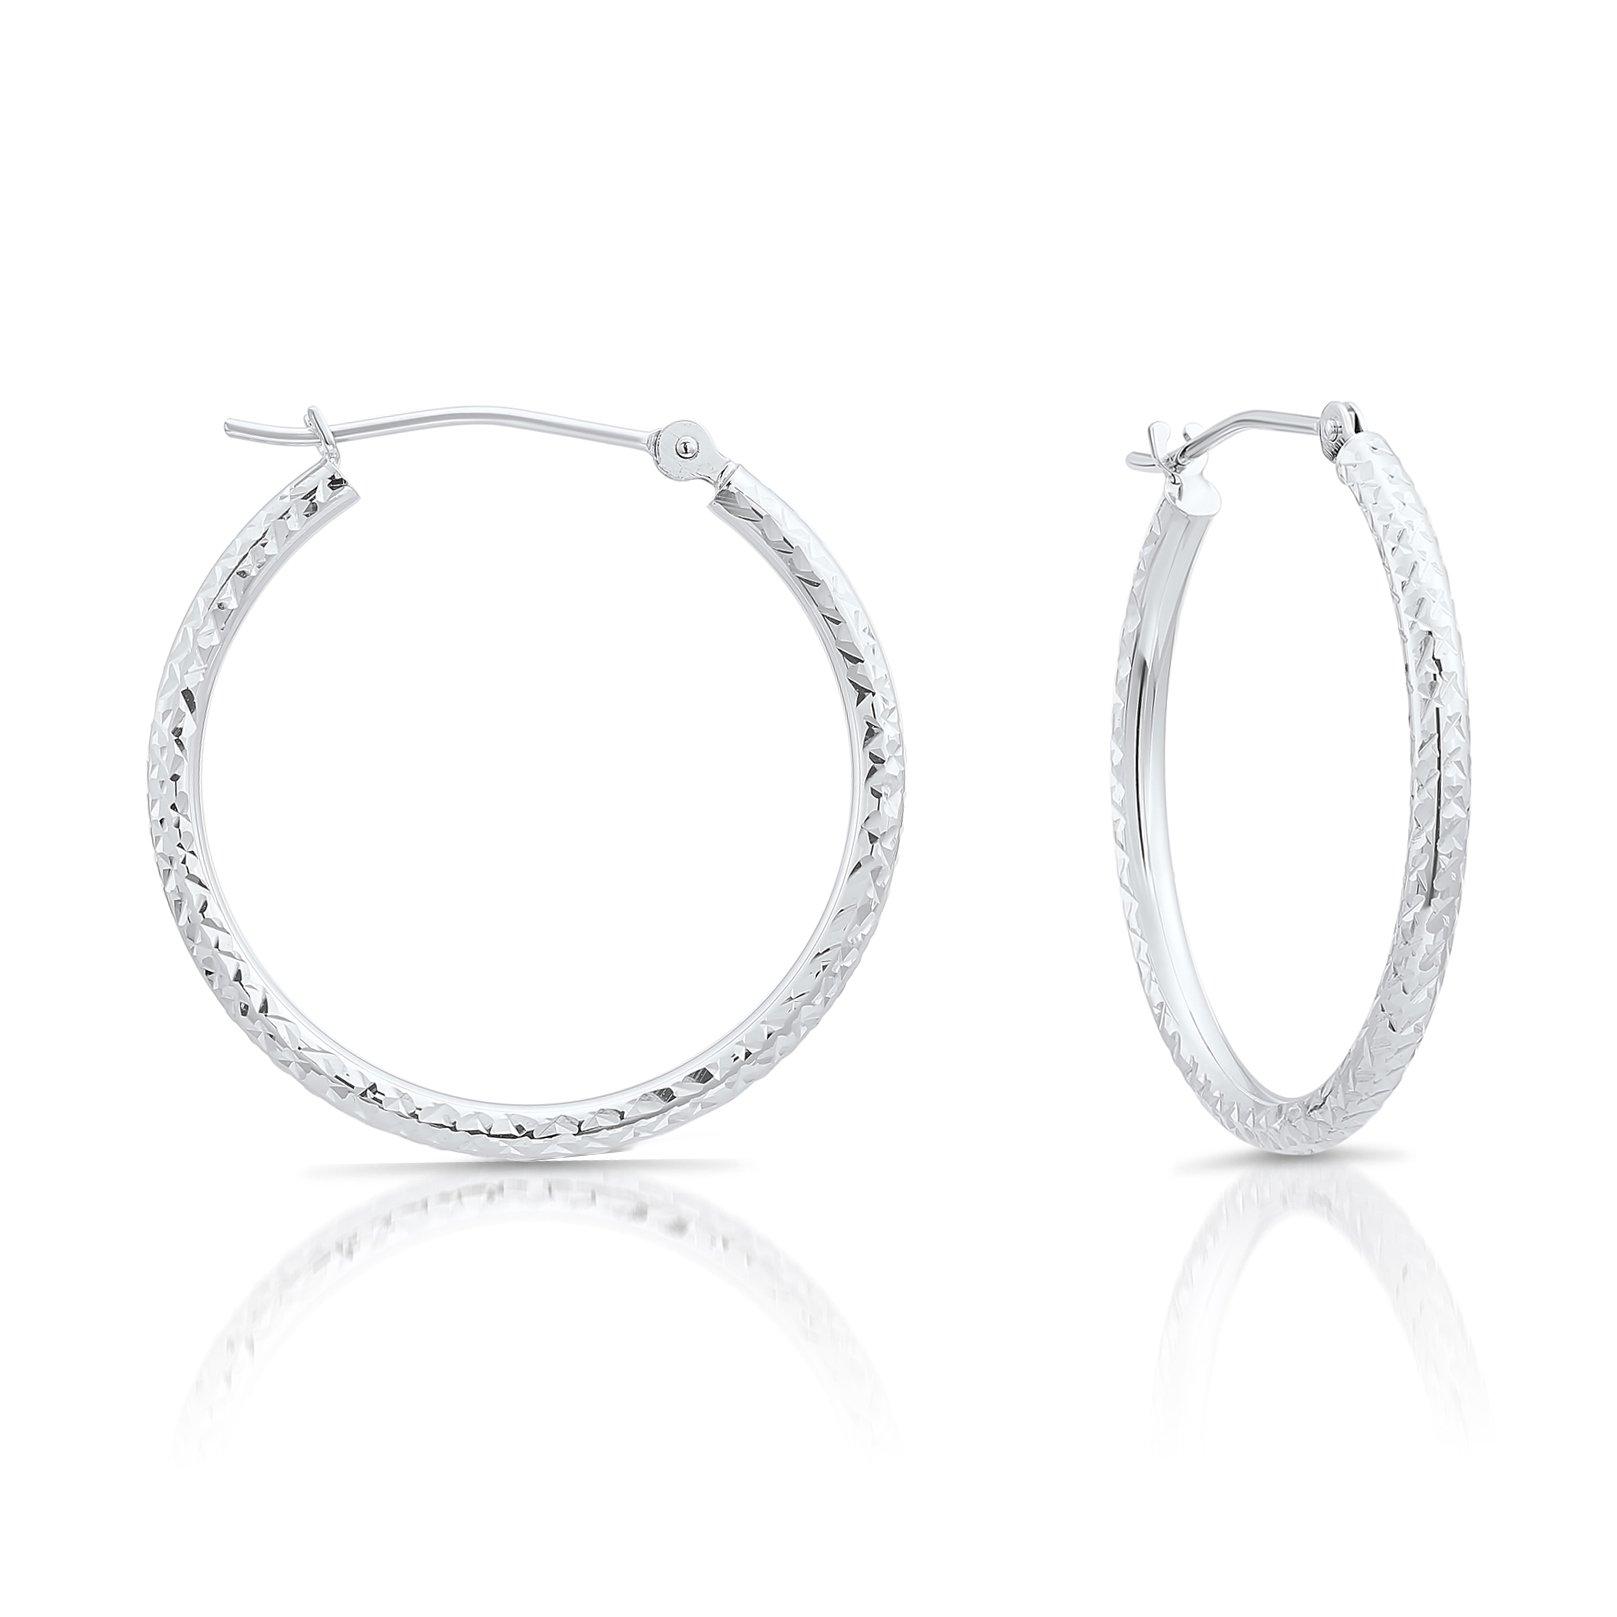 14k White Gold Fancy Diamond-cut Round Hoop Earrings, 1'' Diameter